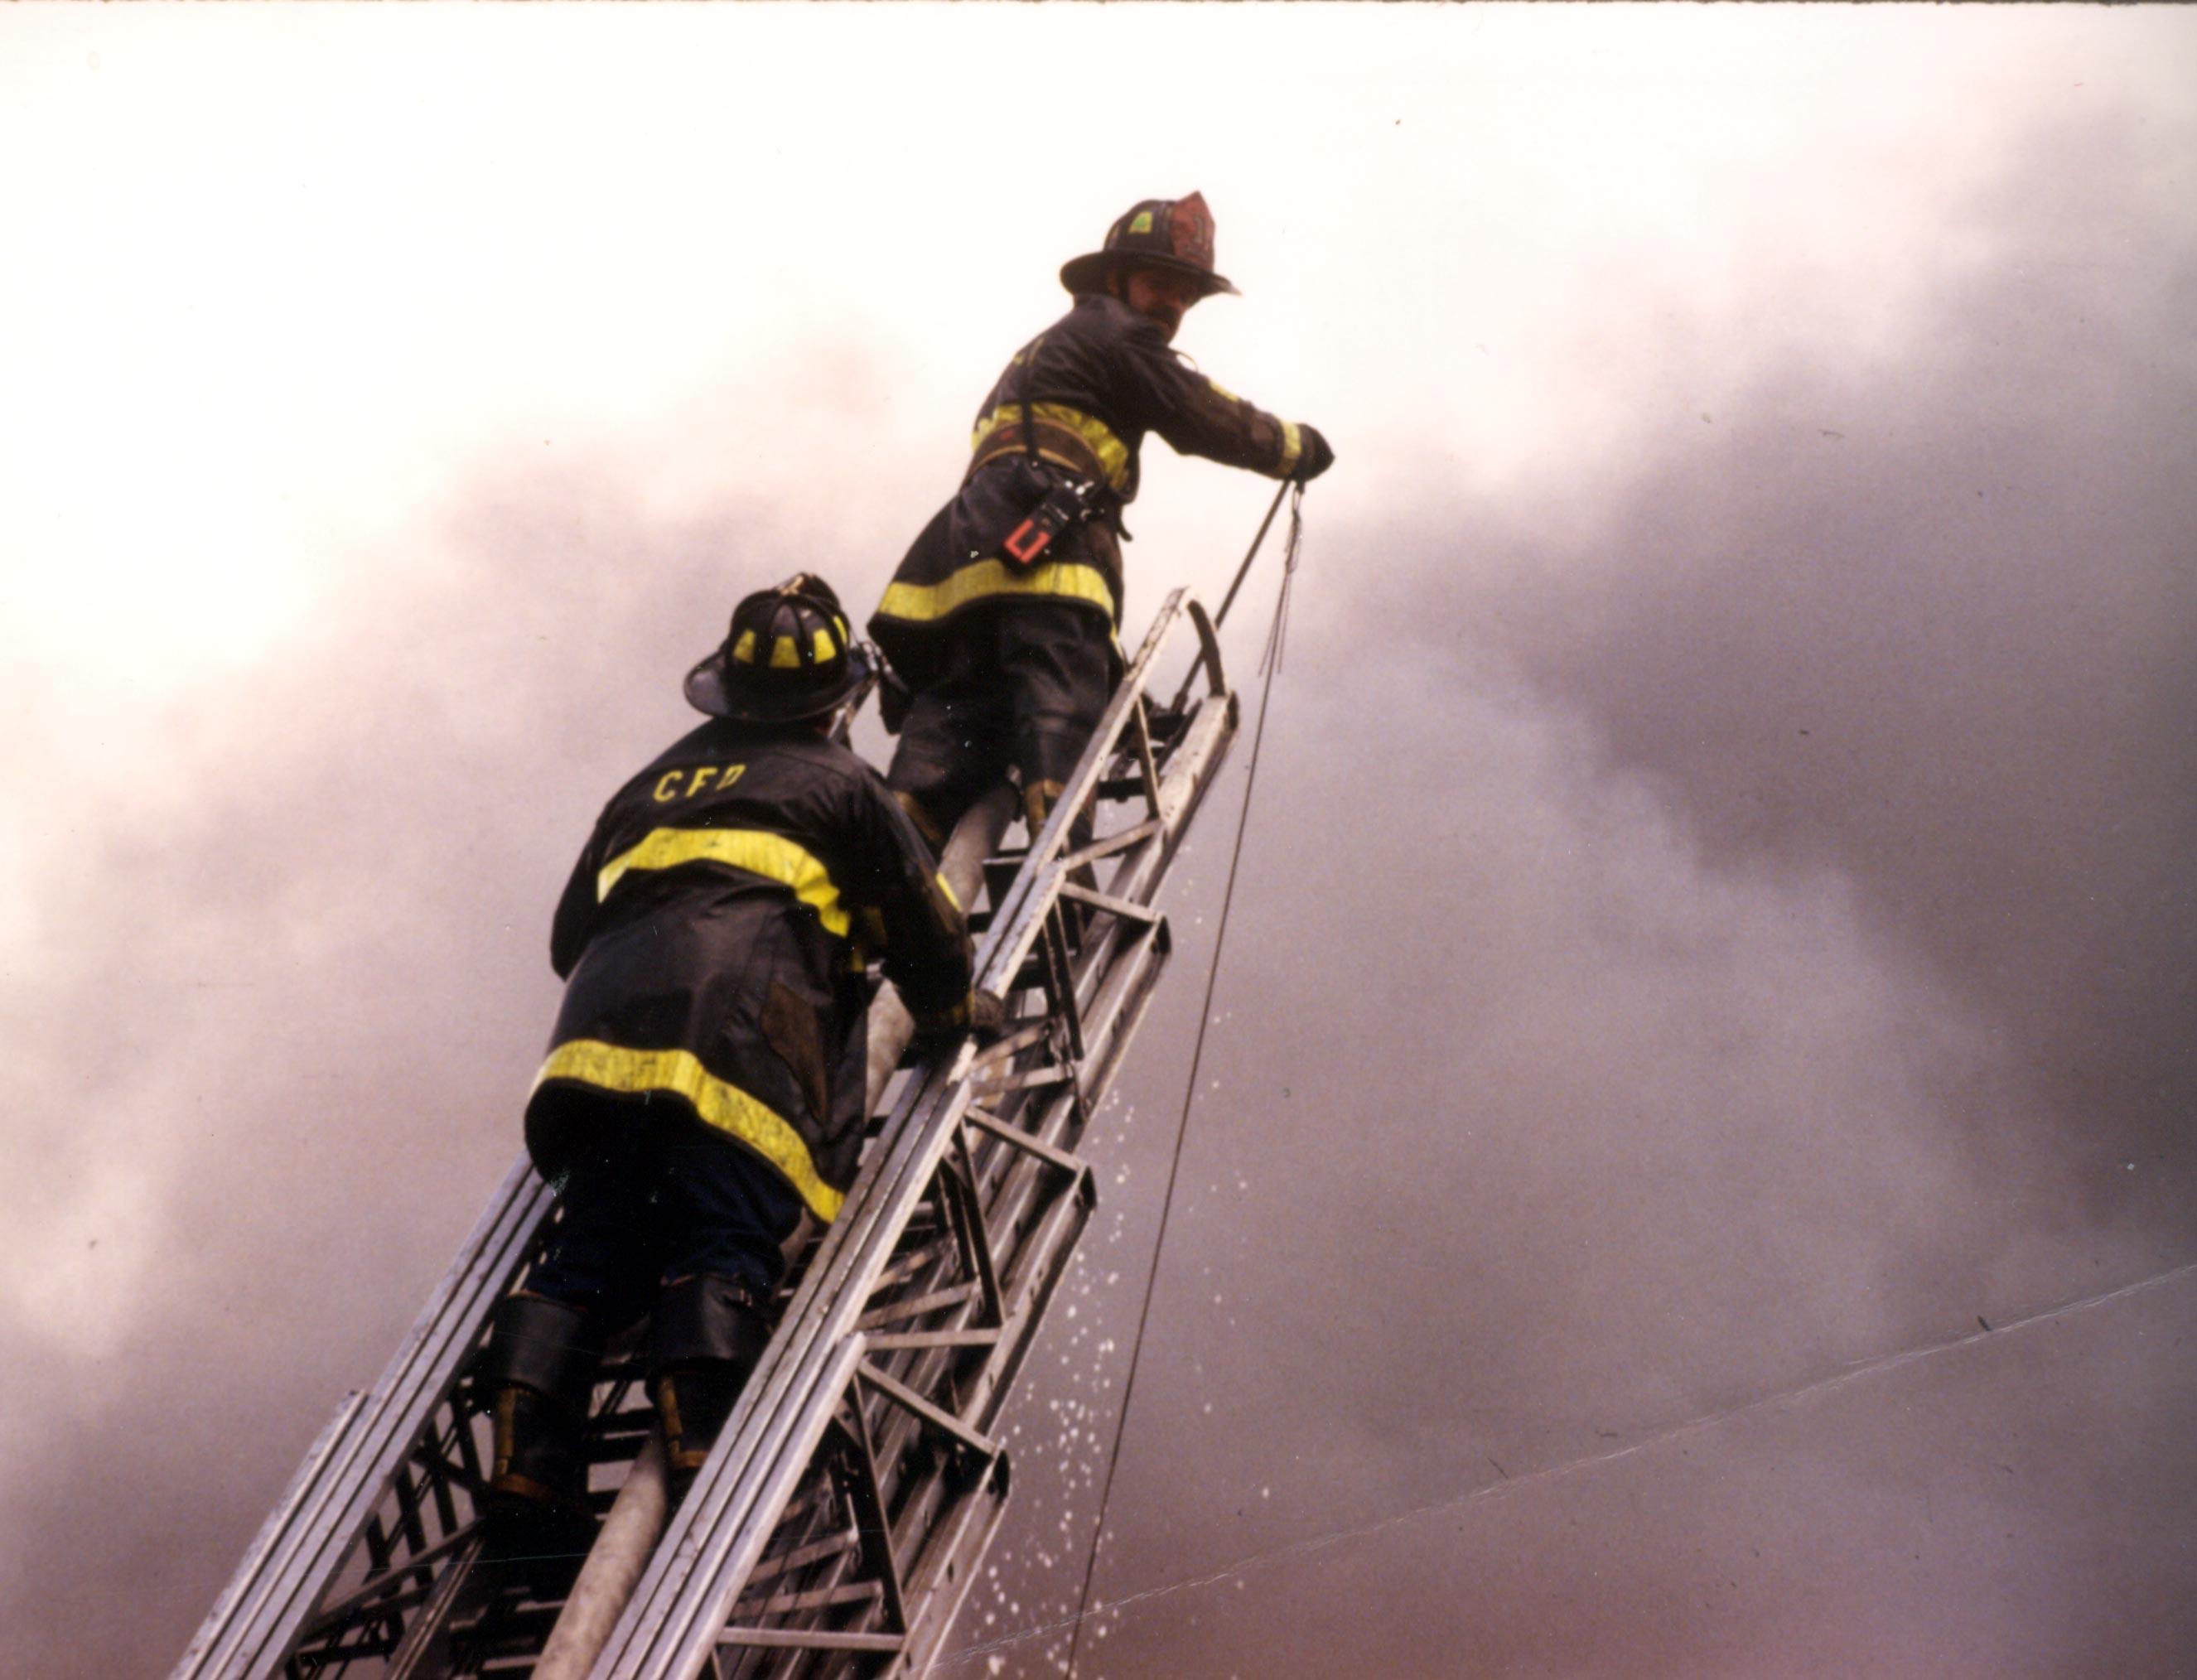 Firefighter ladder tattoo